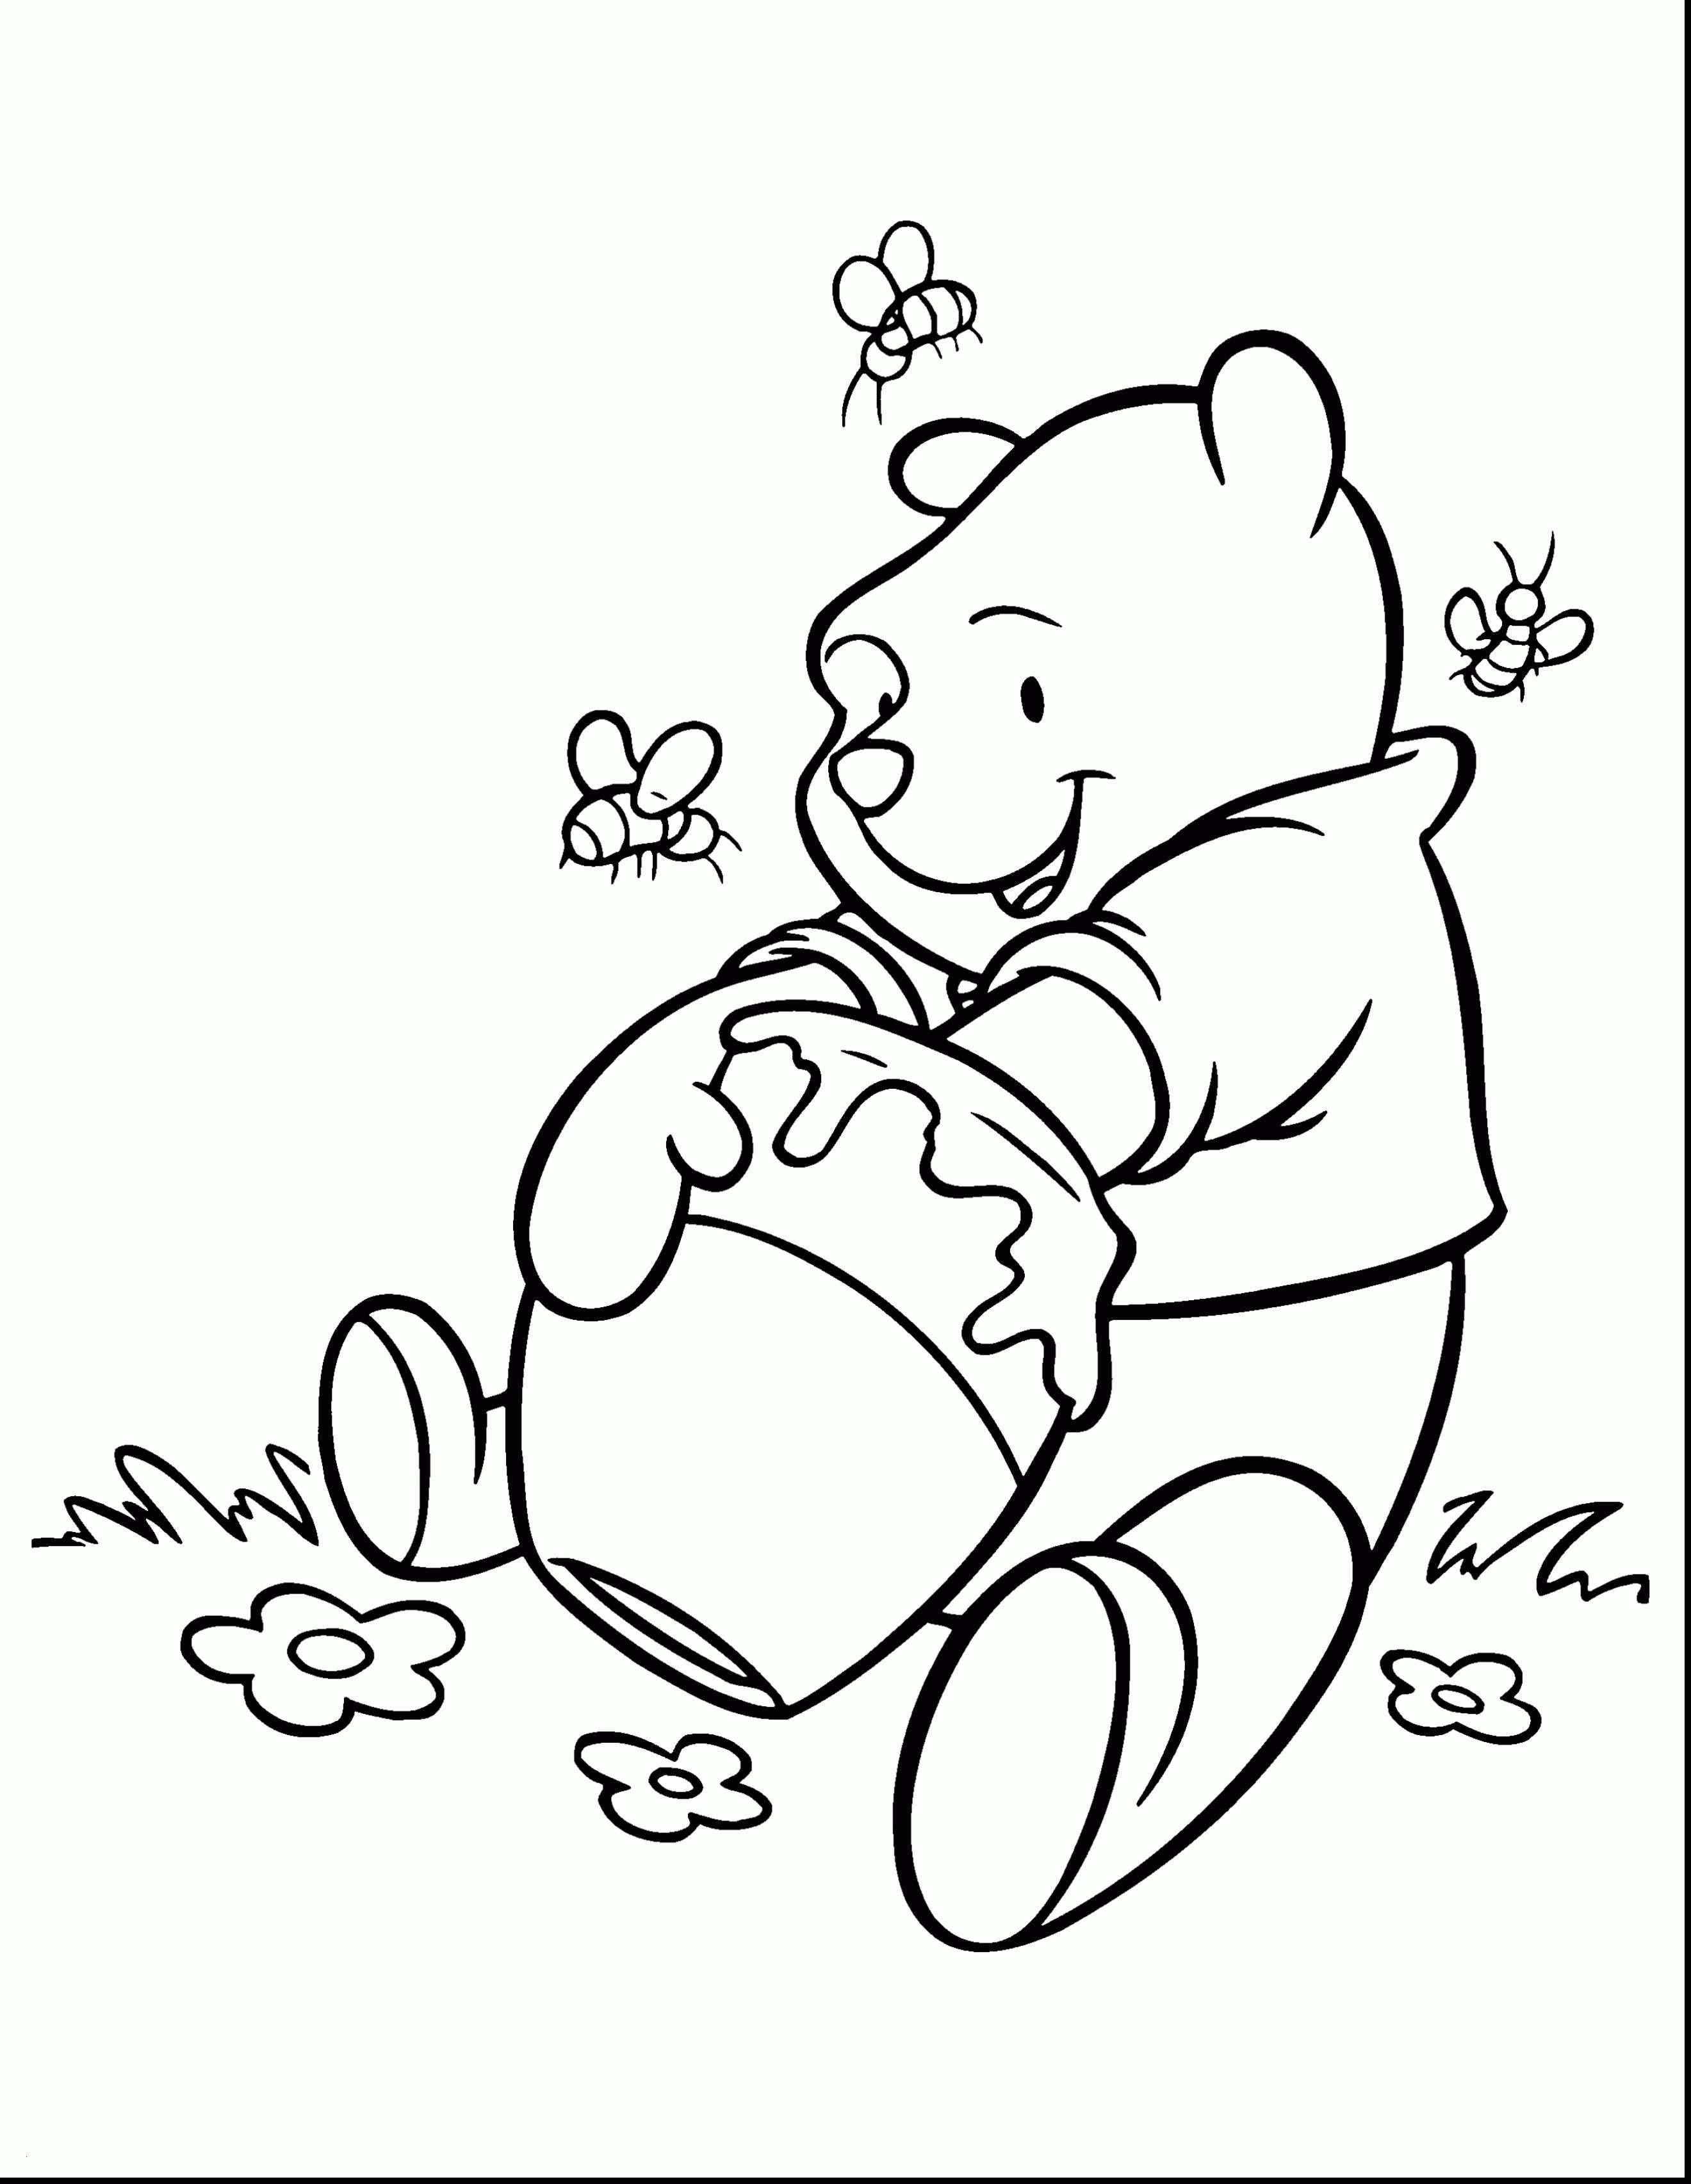 Schiffe Zum Ausmalen Neu Winnie Puuh Malvorlagen Inspirierend Winnie the Pooh Christmas Neu Fotos